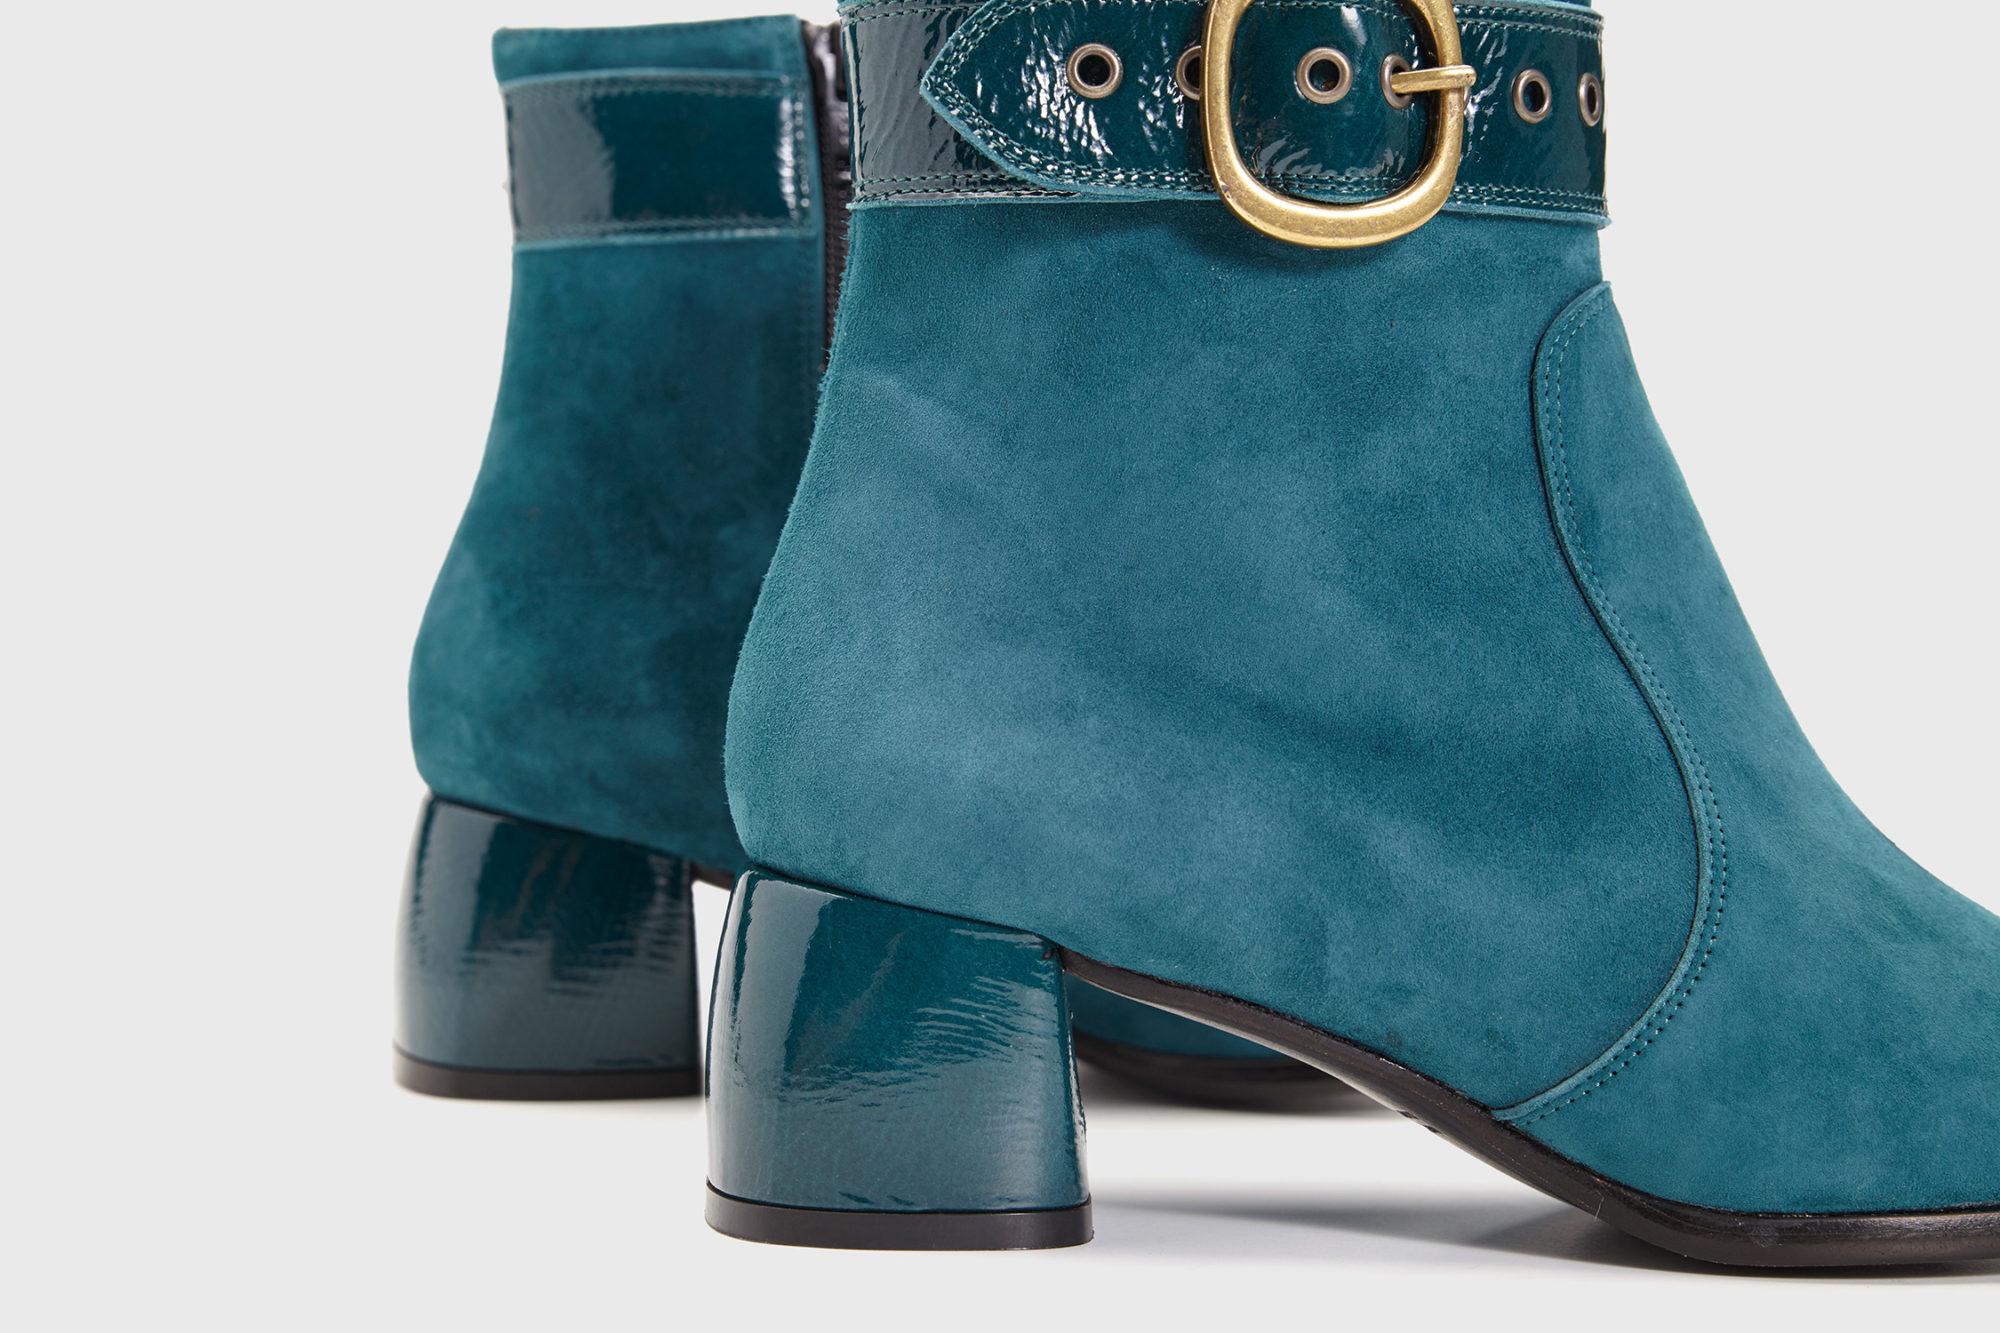 Dorotea botín de tacón medio Vivian color turquesa fw17 detalle